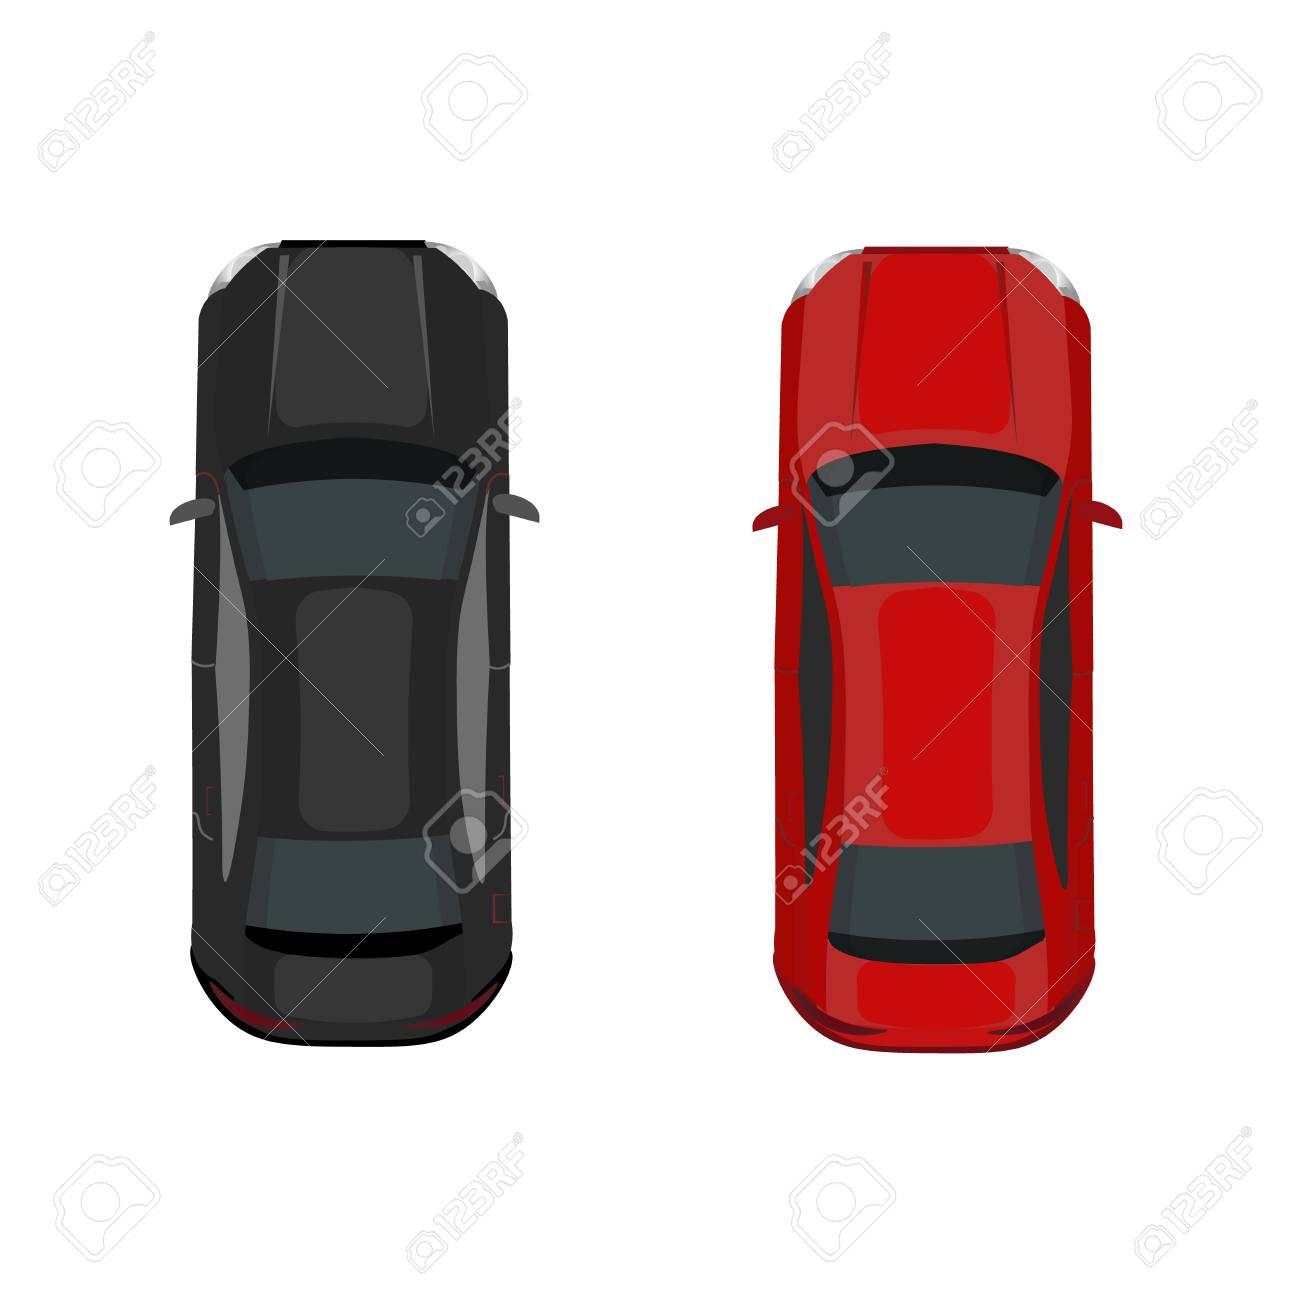 2 台の車黒と赤上からの眺め体積メッシュもグラデーションを描画し